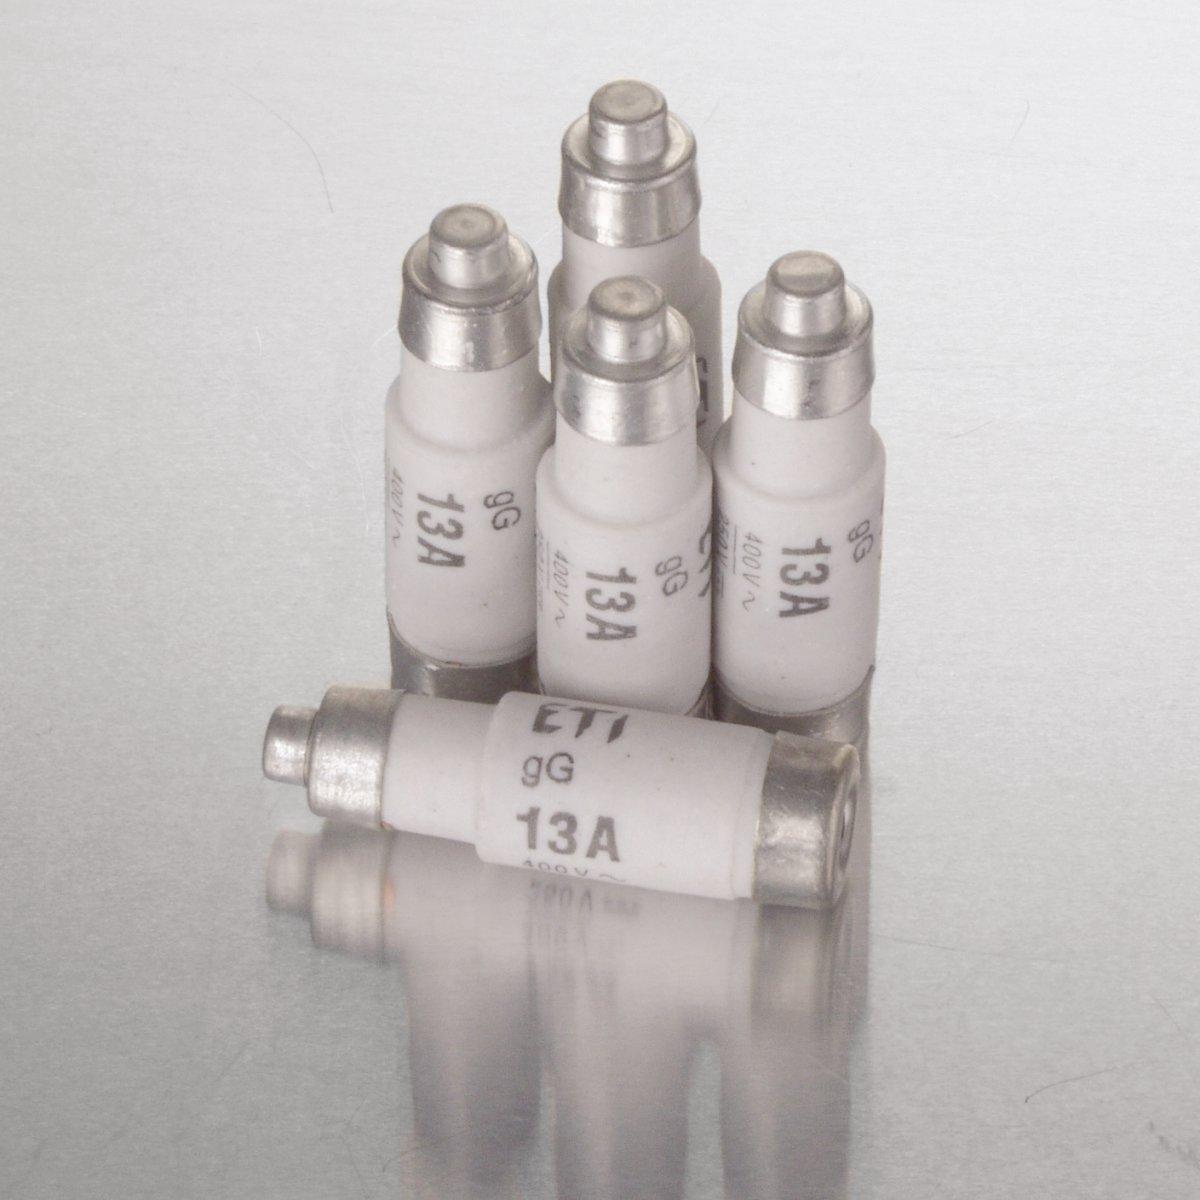 E:ZO Neozed DO1 Sikring 13A, 5 stk.